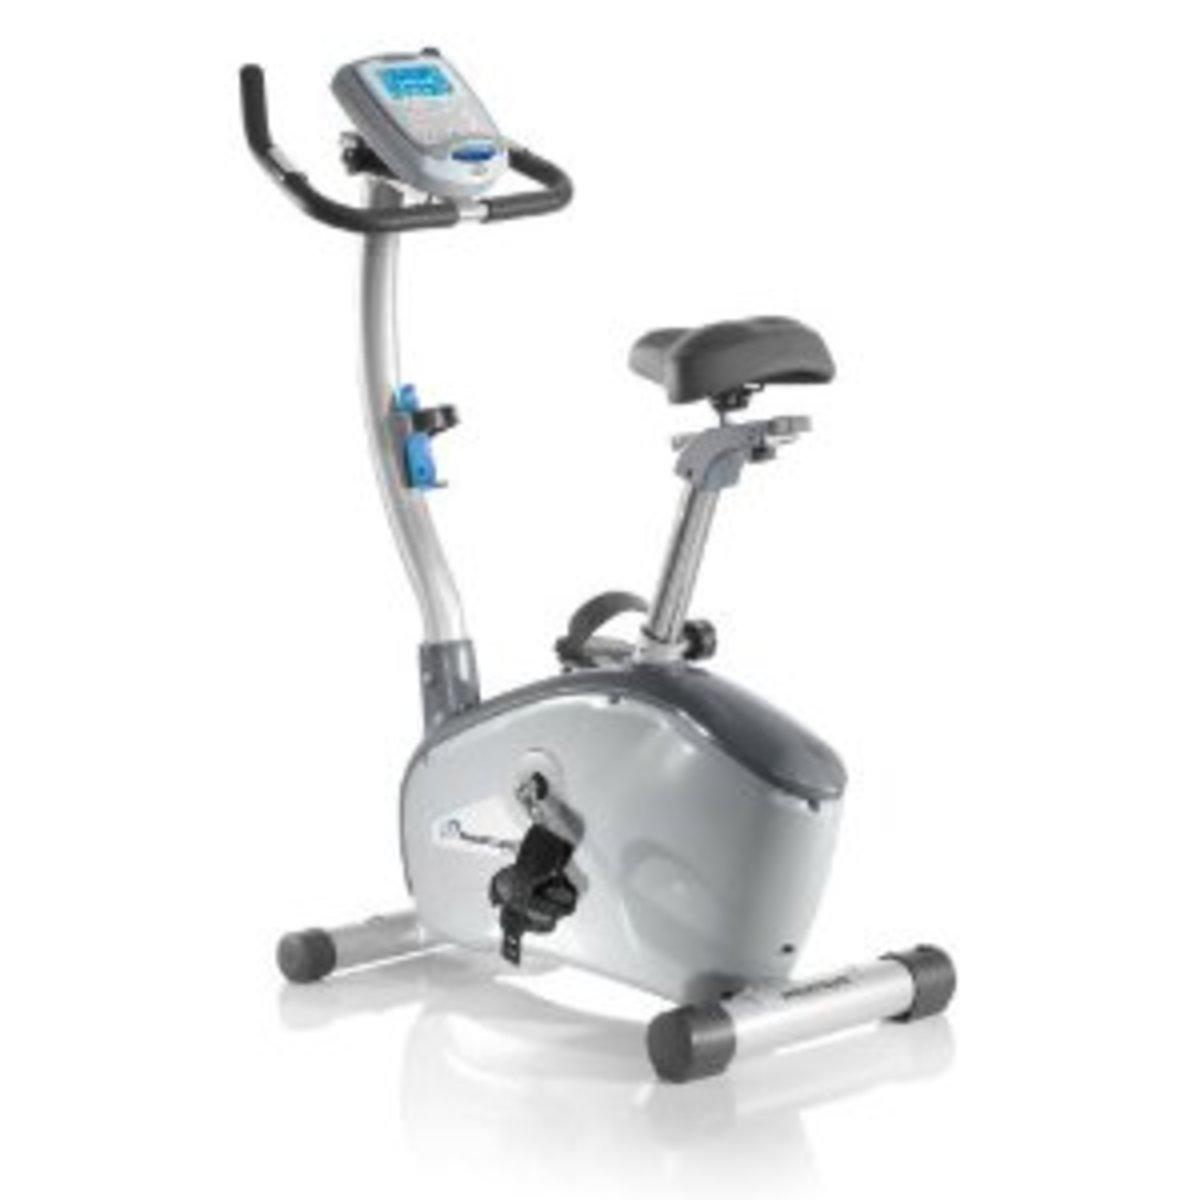 Nautilus U514 Upright Exercise Bike $365.71 w/ manufacturer warranty